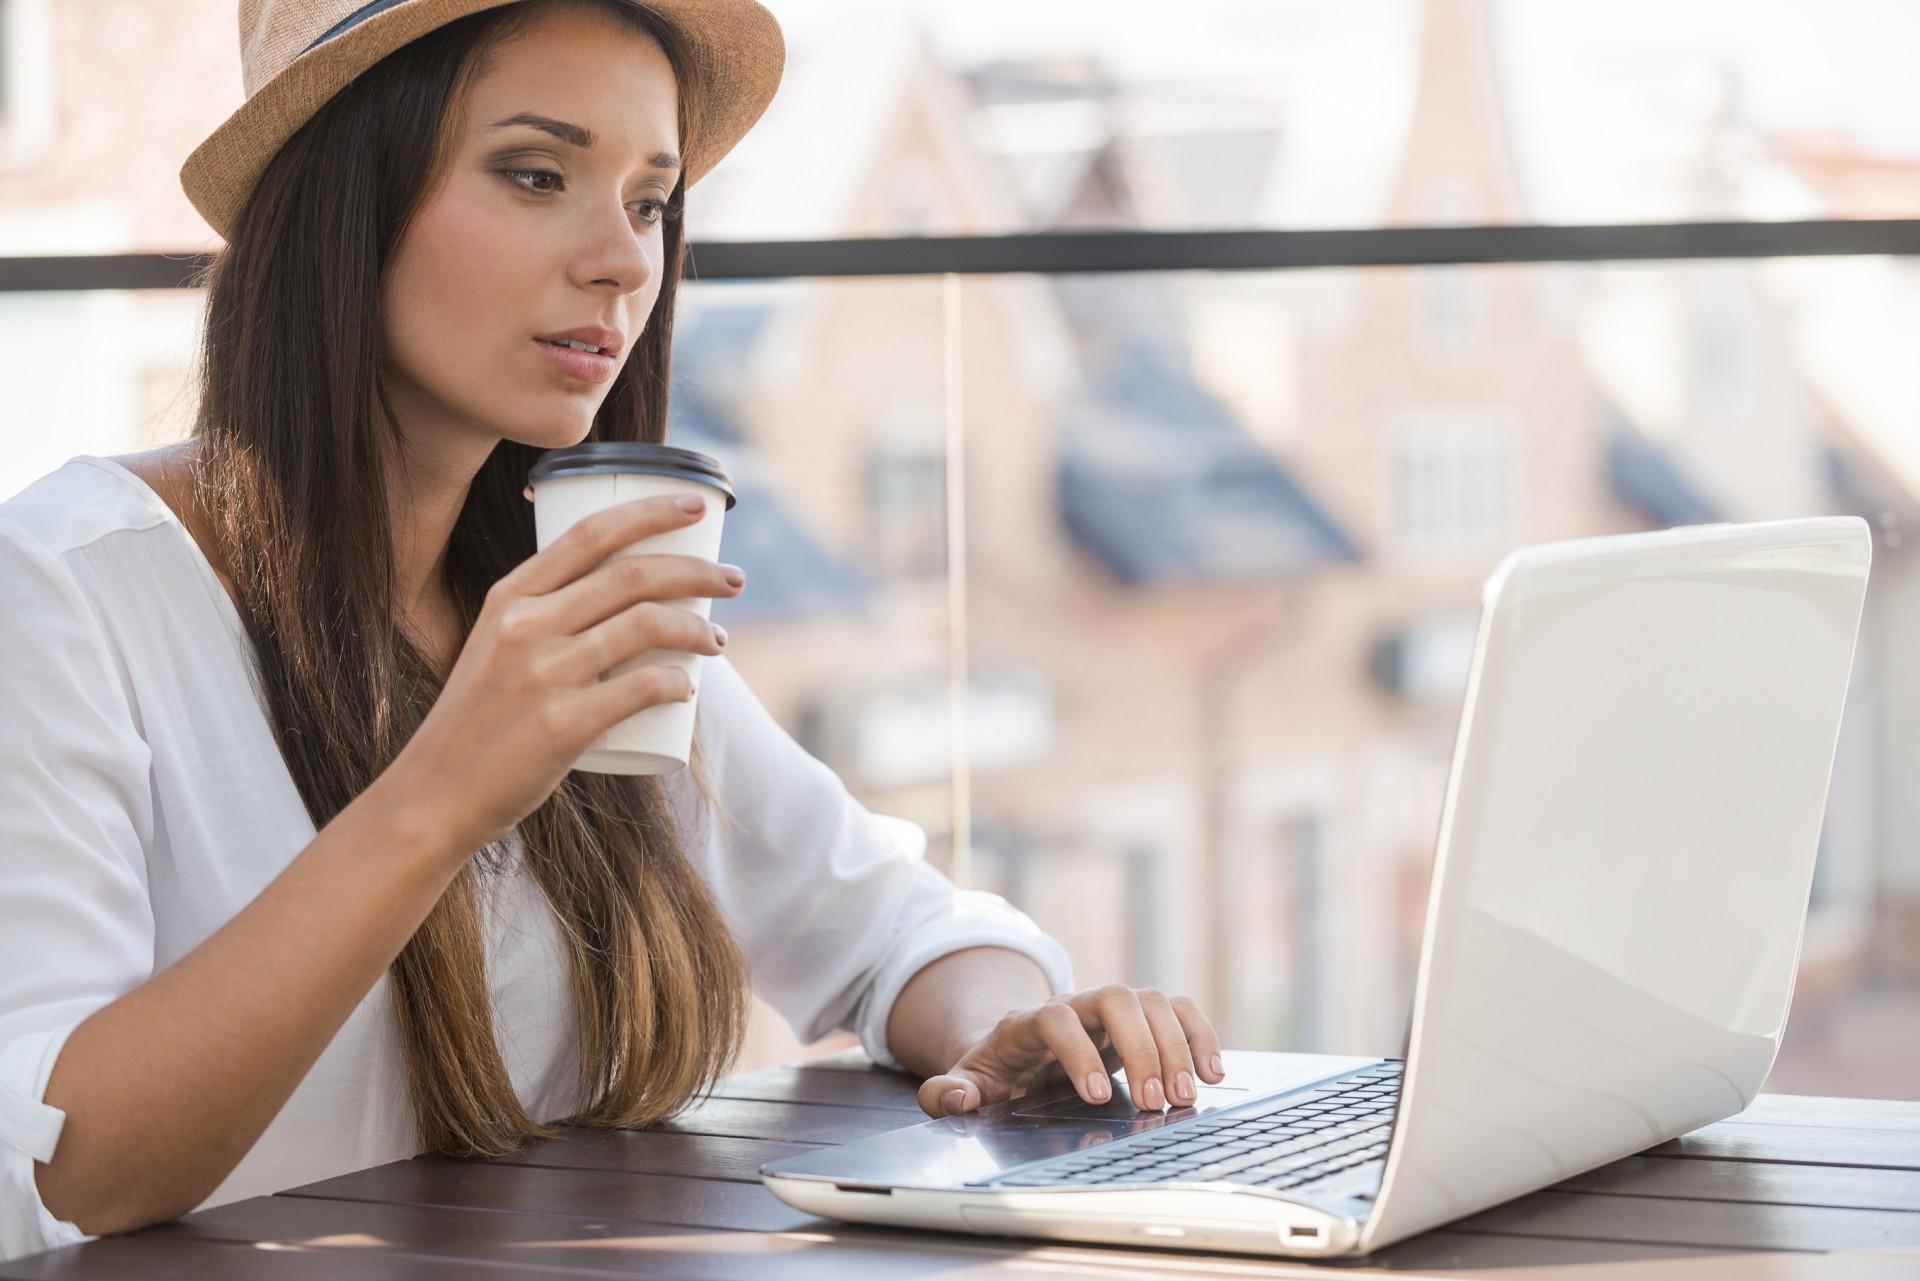 Работа для девушек в веб-студиии